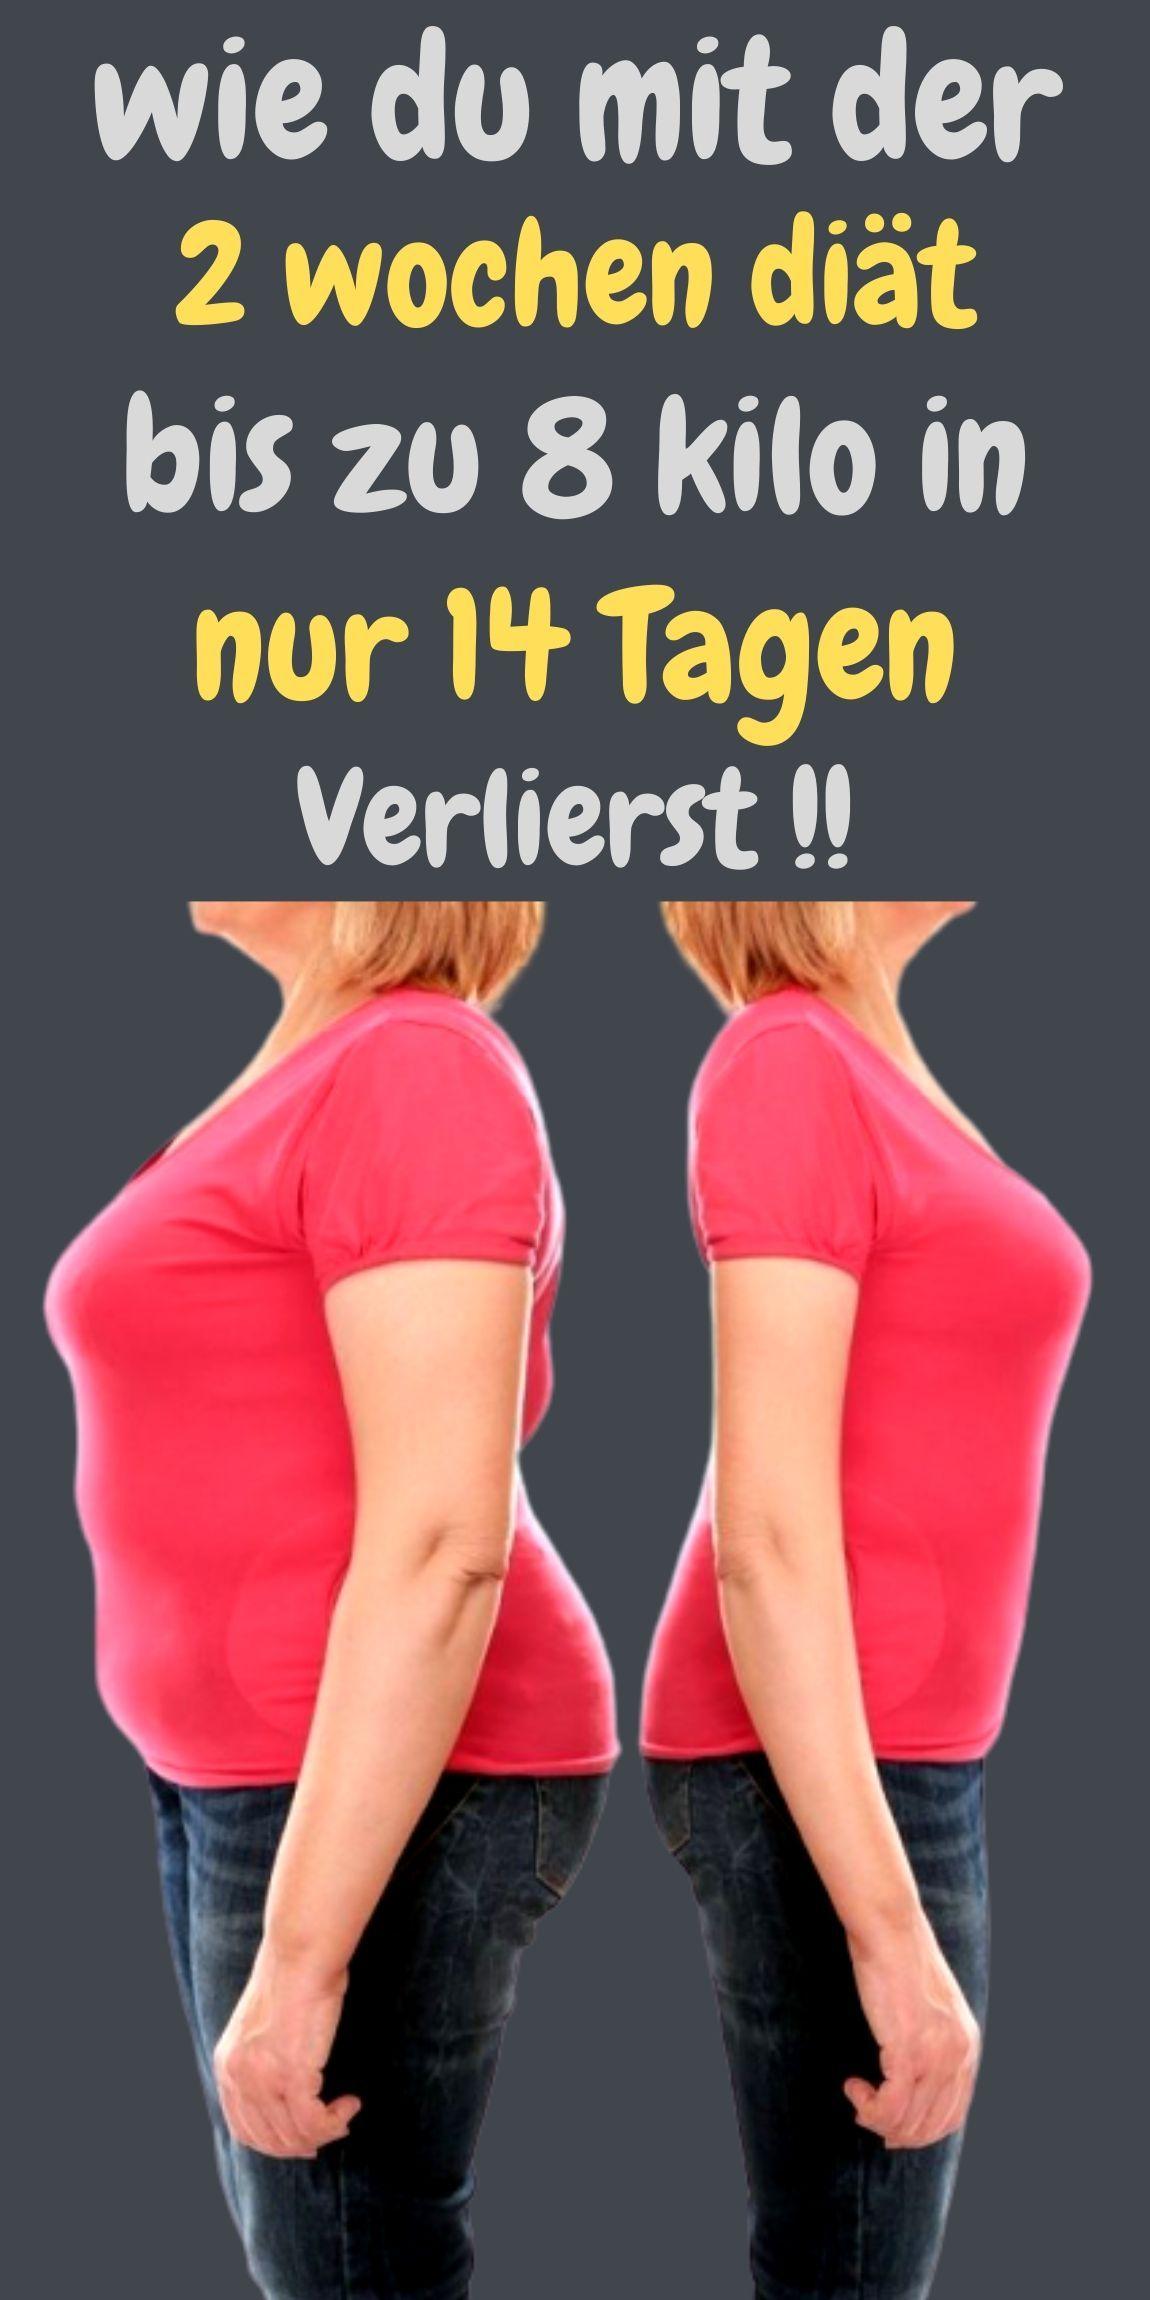 Diät, um 2 Kilo in 2 Tagen Gewicht zu verlieren